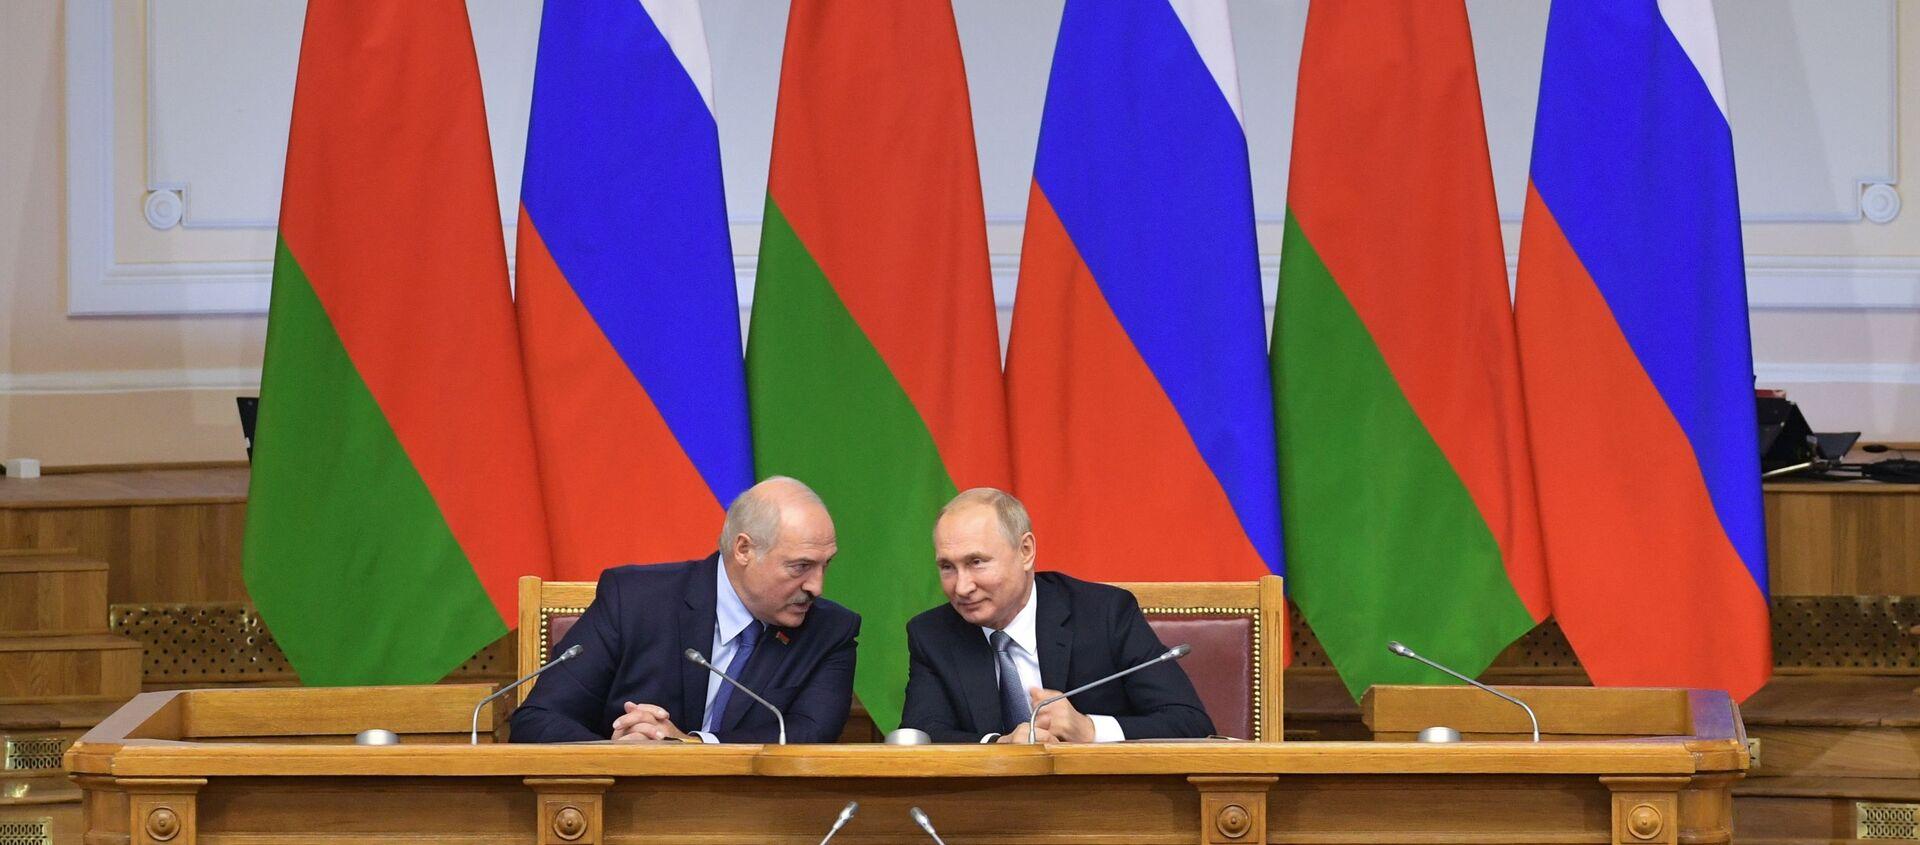 Встреча Лукашенко и Путина в Таврическом дворце - Sputnik Беларусь, 1920, 21.02.2021